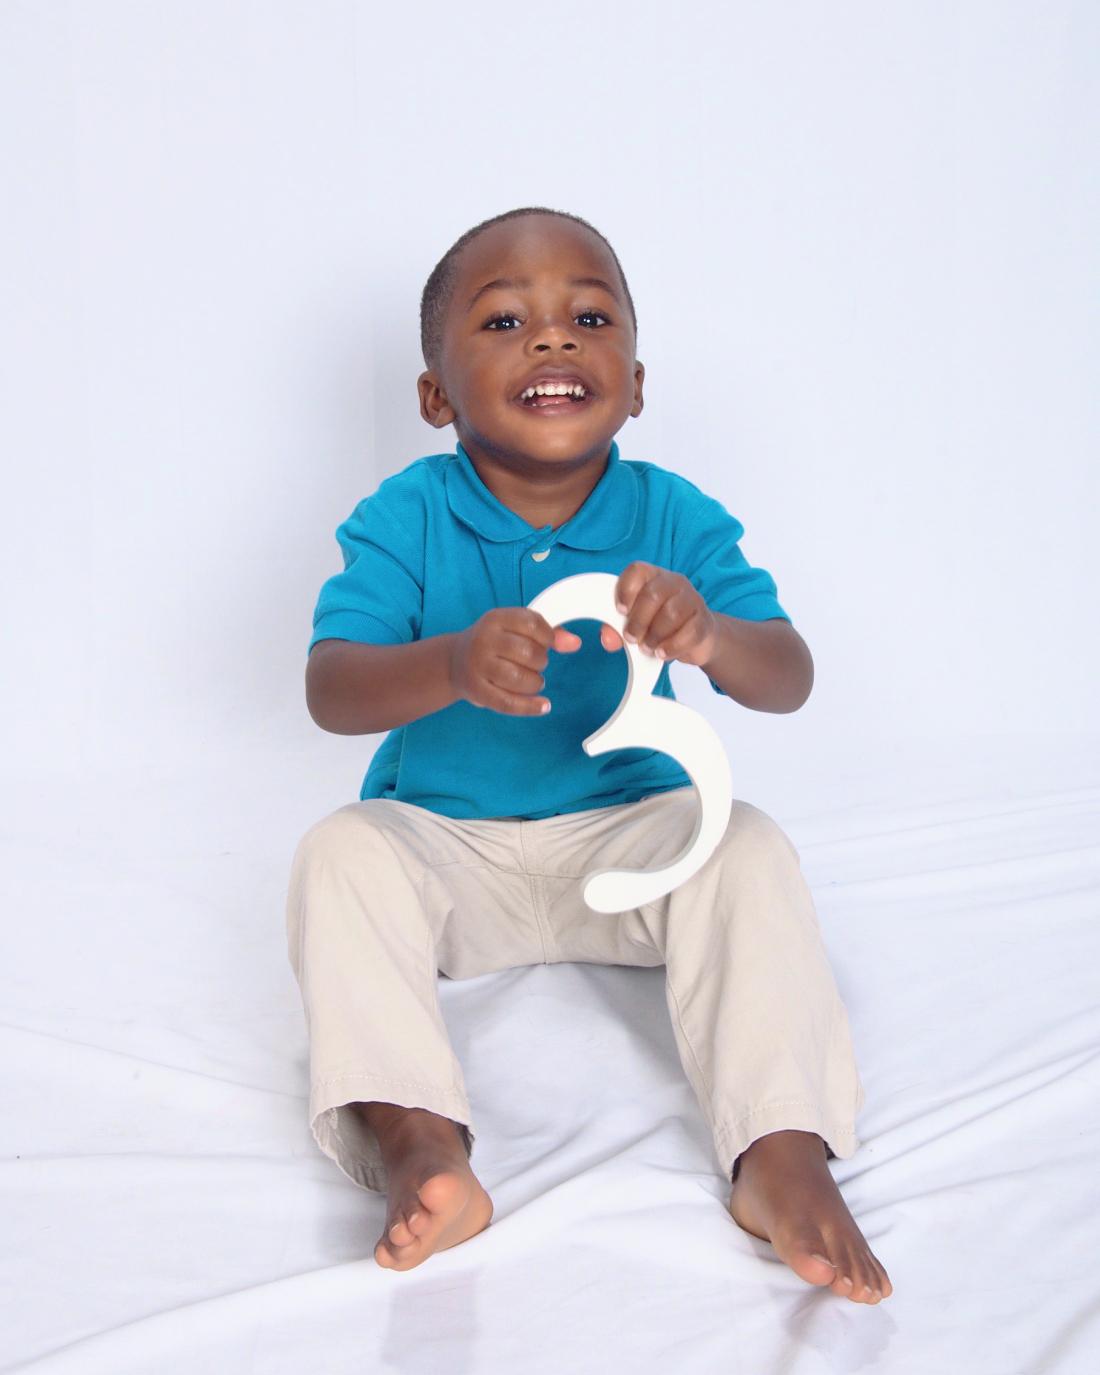 isaiah holding nubmer 3